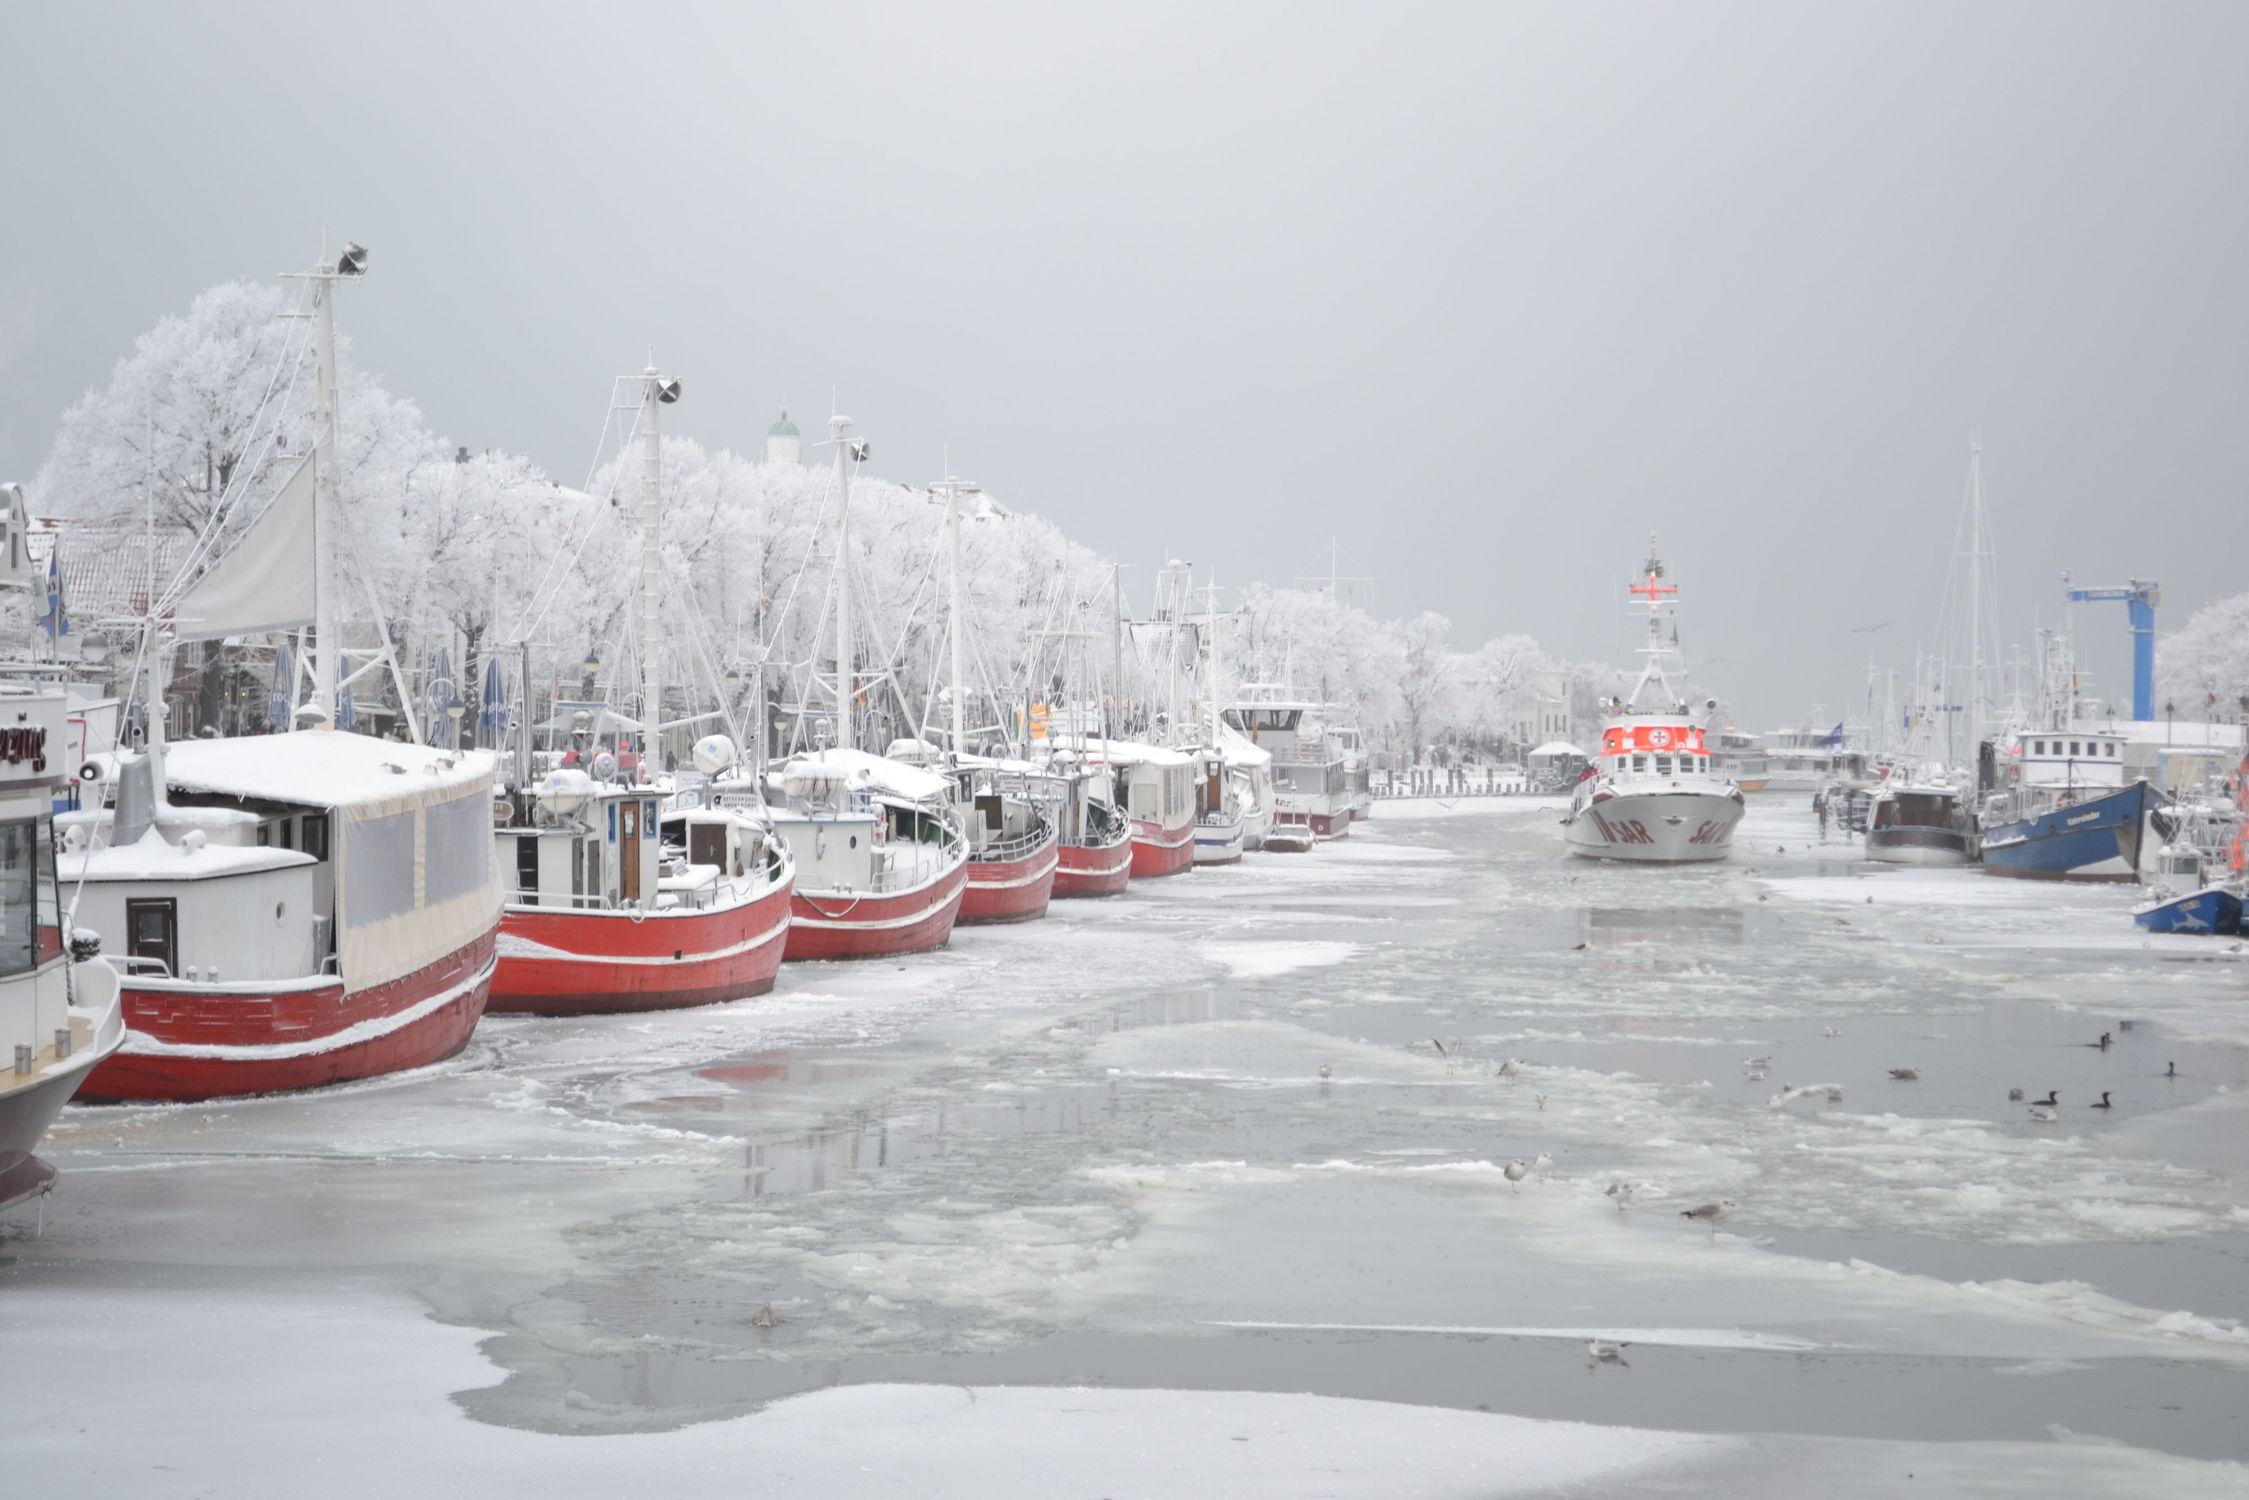 Bild mit Winter, Schnee, Eis, Häfen, Ostsee, Schiff, boot, Meer, Boote, Frost, Warnemünde